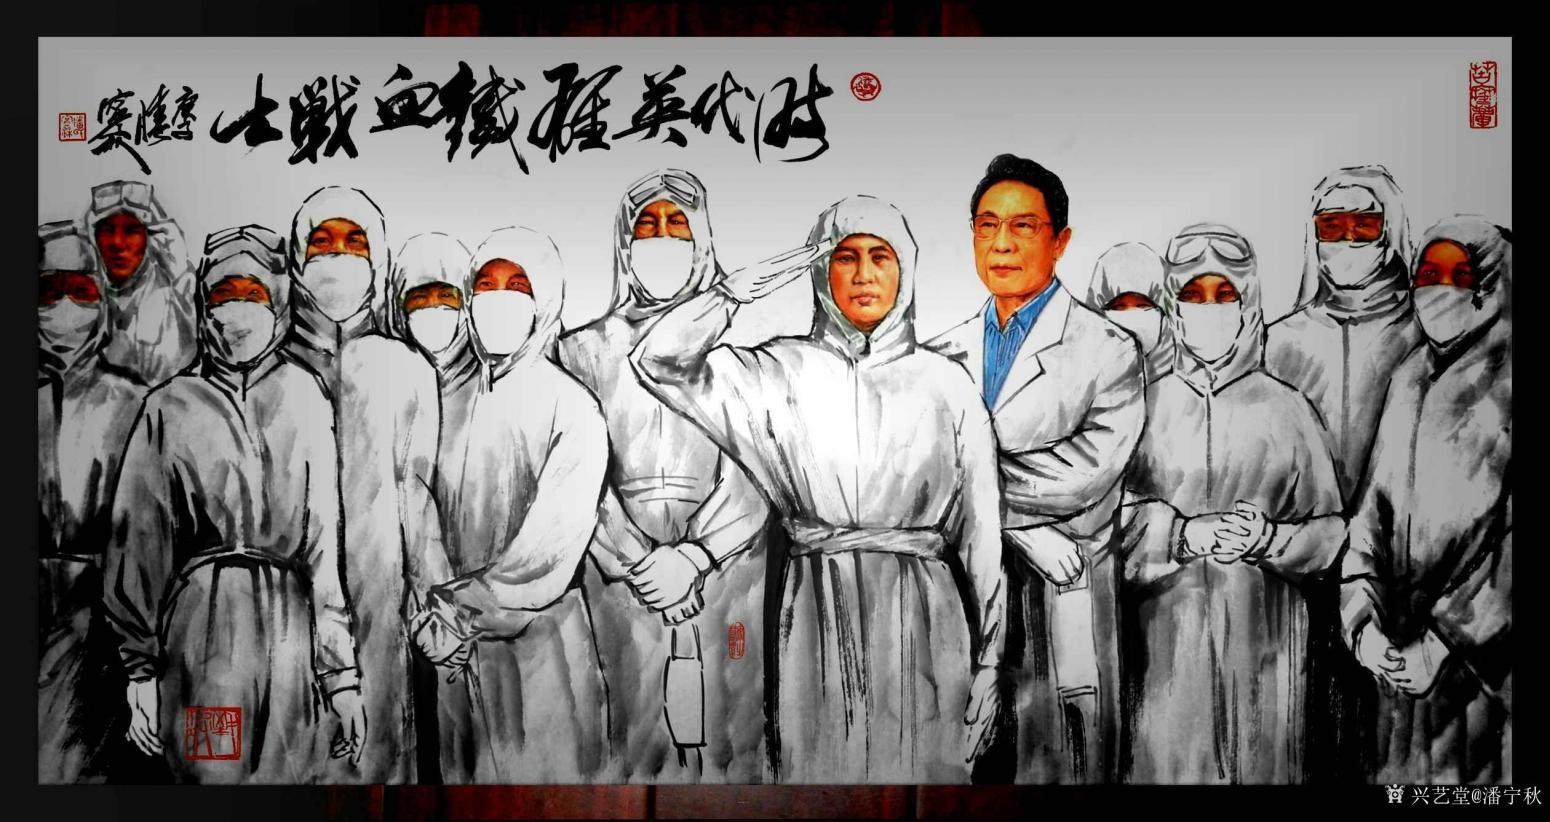 潘宁秋国画作品《时代英雄铁血战士》【图0】